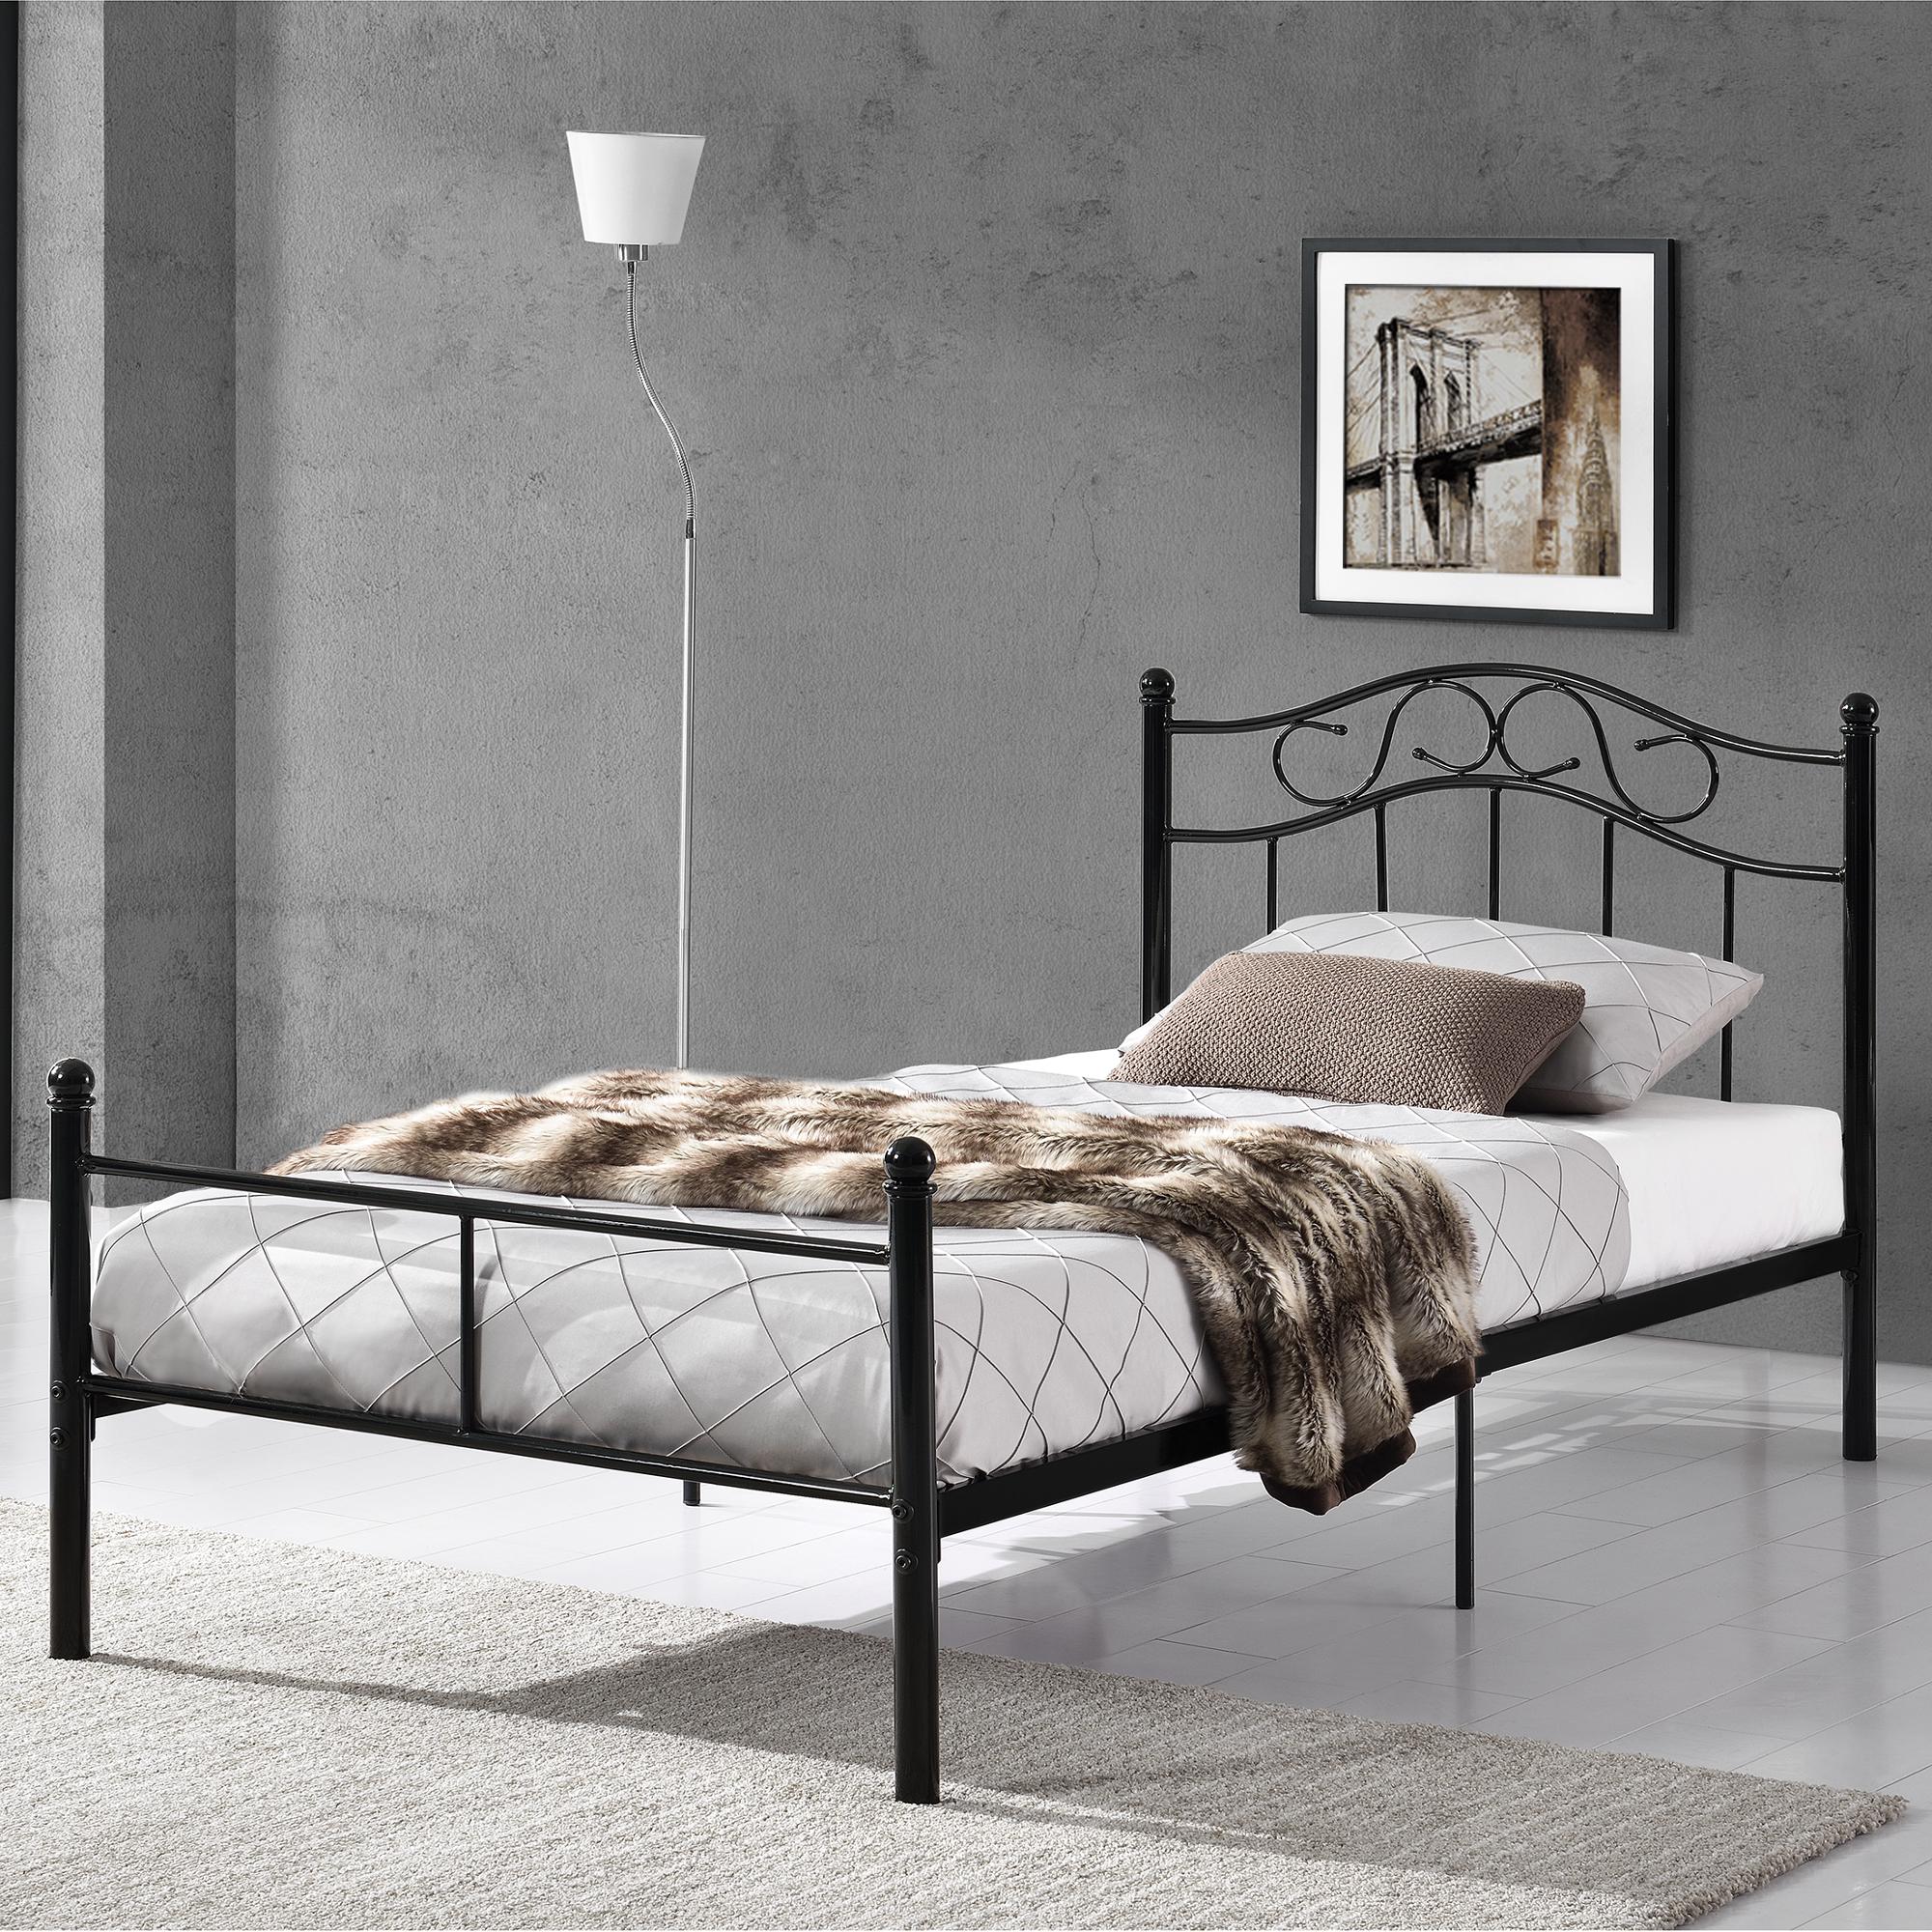 neuholz nachttisch mit schublade wei kunstleder nachtkommode beistelltisch ebay